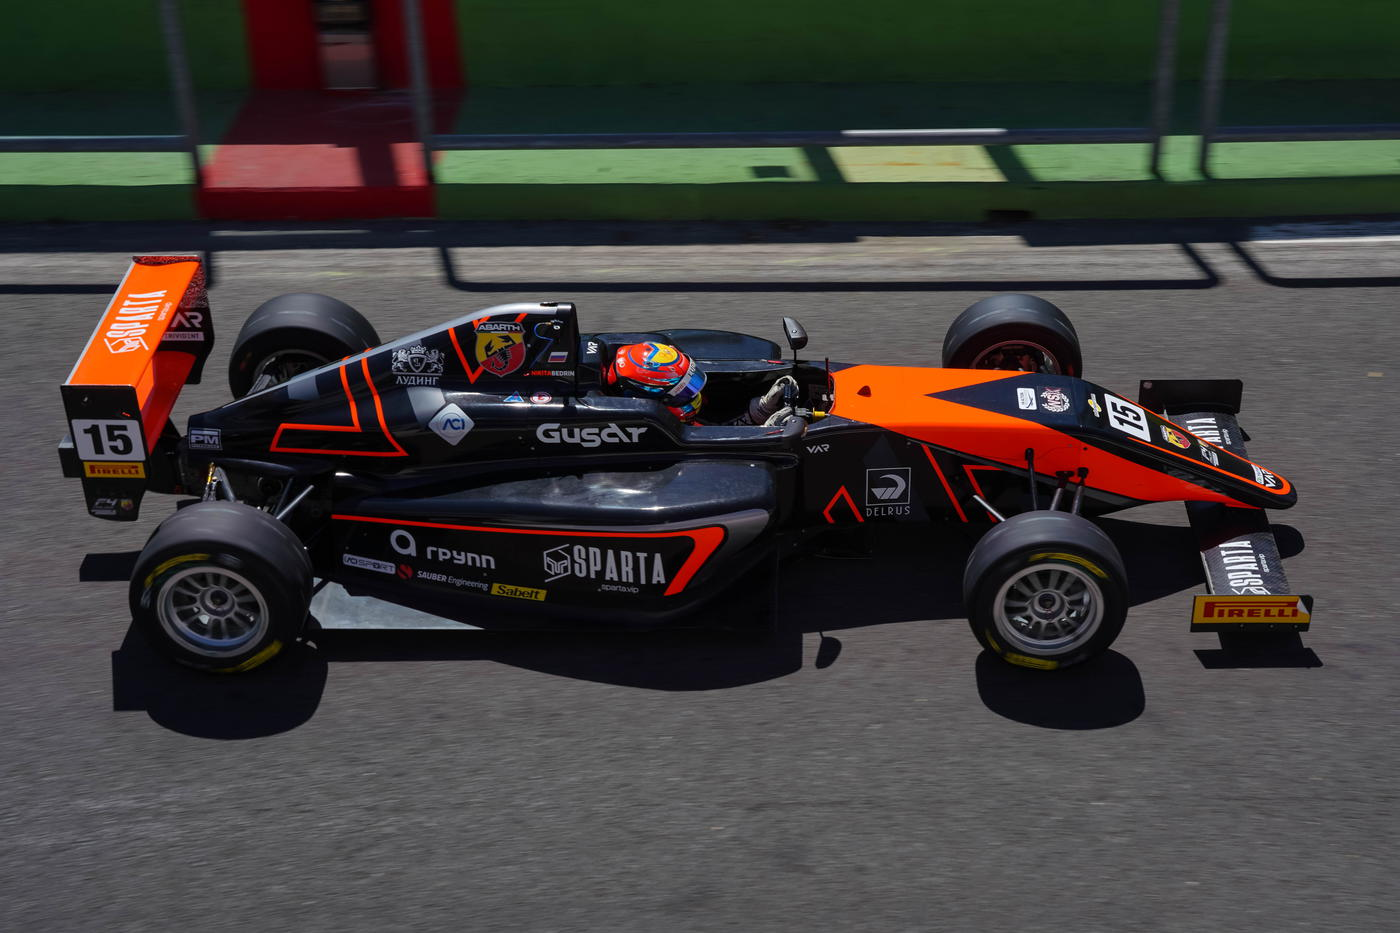 Столкновение и прорыв в топ-5! Боевой уик-энд россиян в итальянской Формуле-4 - фото